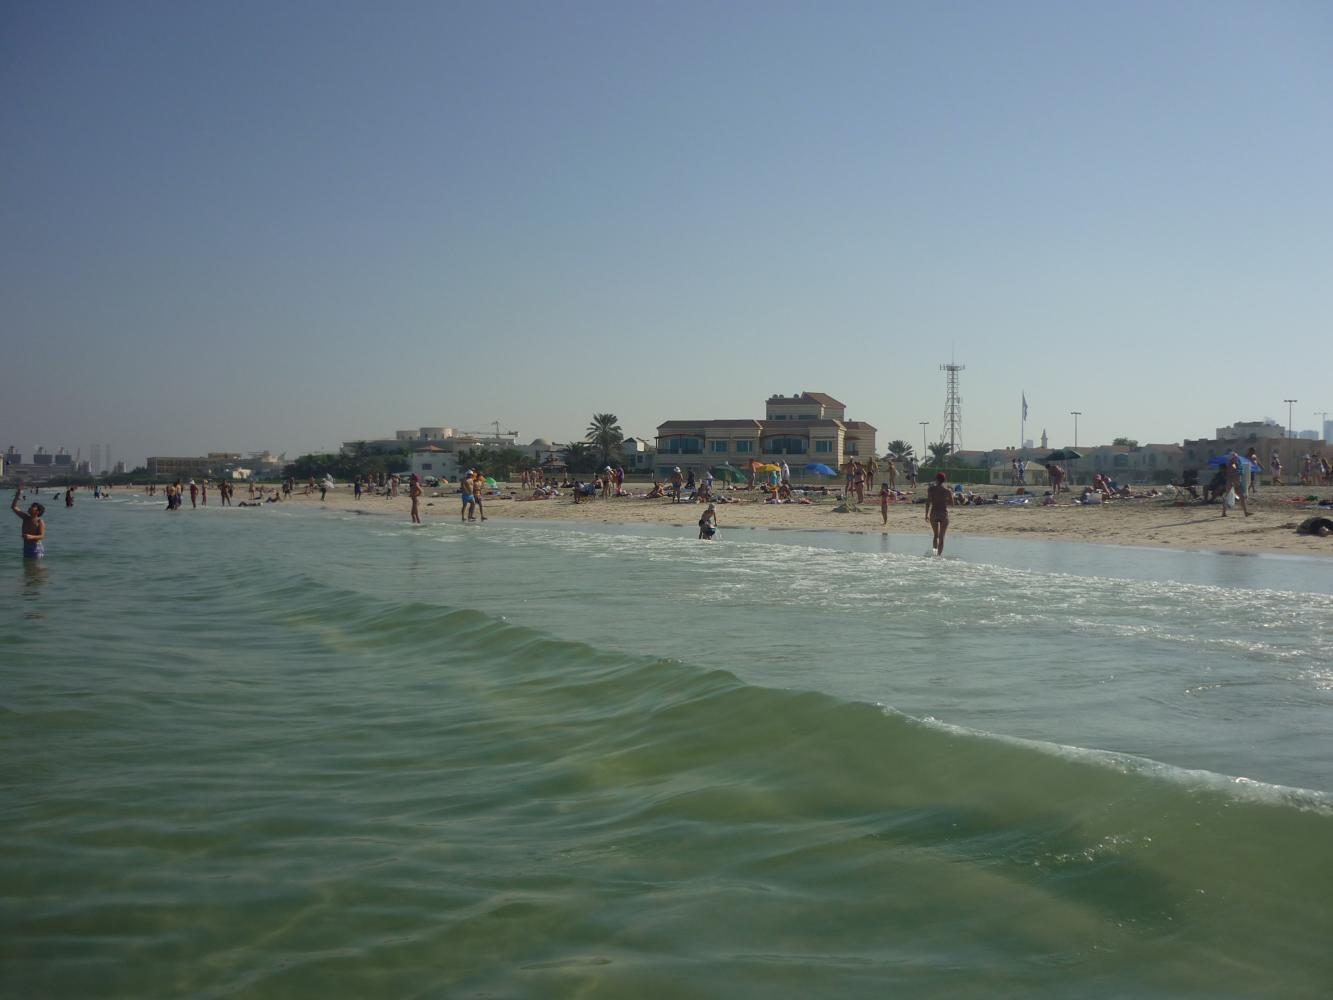 фото пляж эмираты